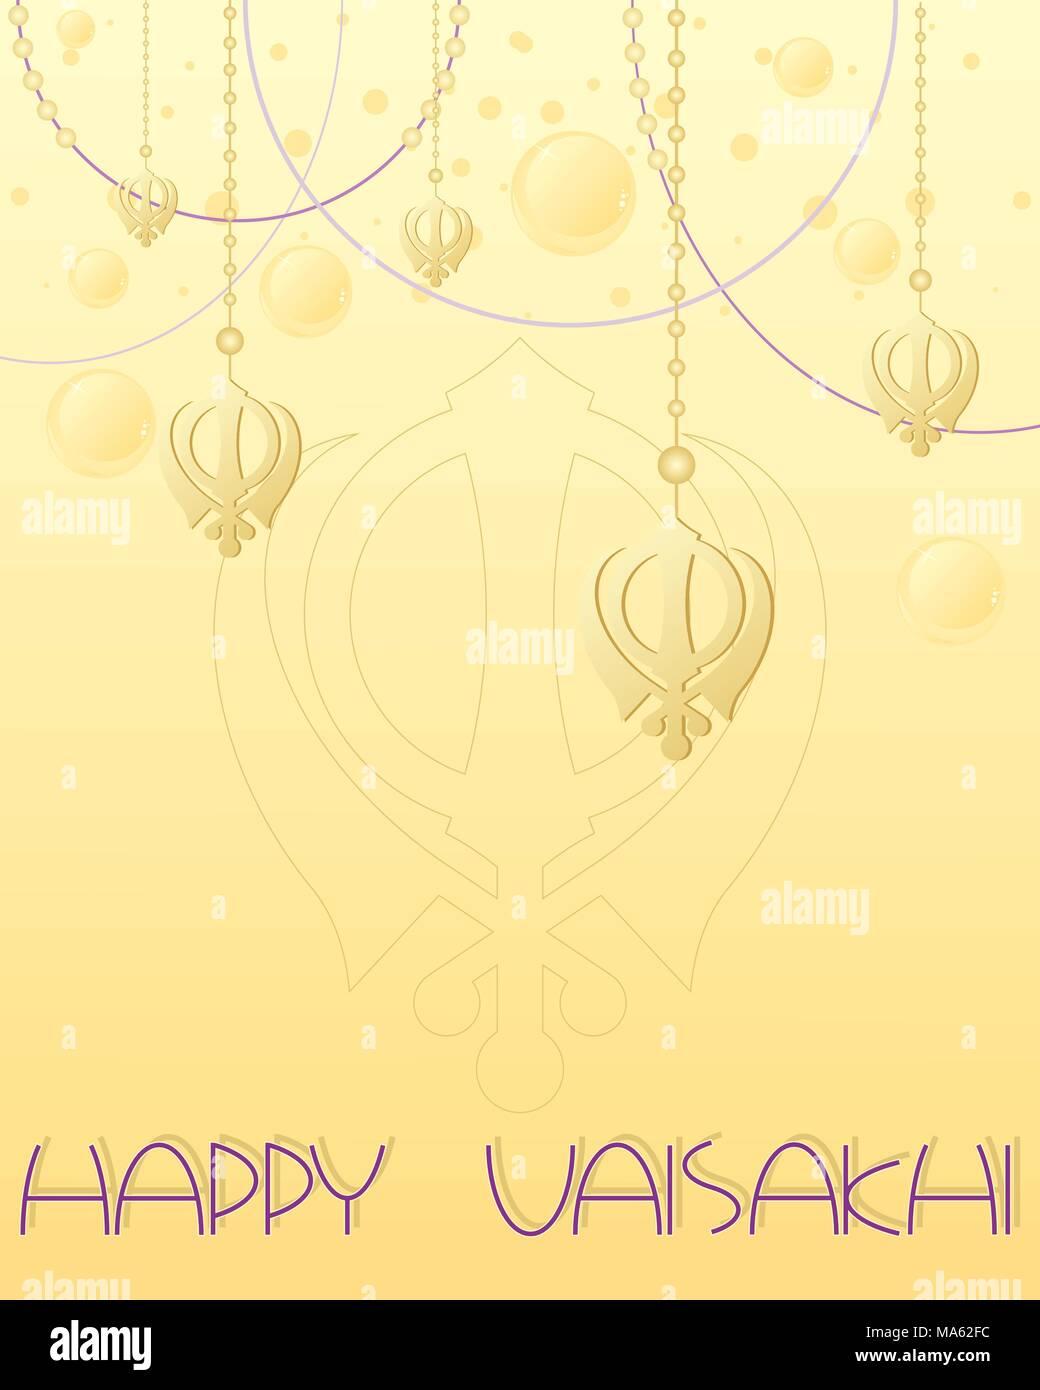 Una illustrazione vettoriale in formato eps formato 10 di una felice Vaisakhi greeting card design con golden simbolo Sikh sul filetto decorativo su un fondo dorato Immagini Stock